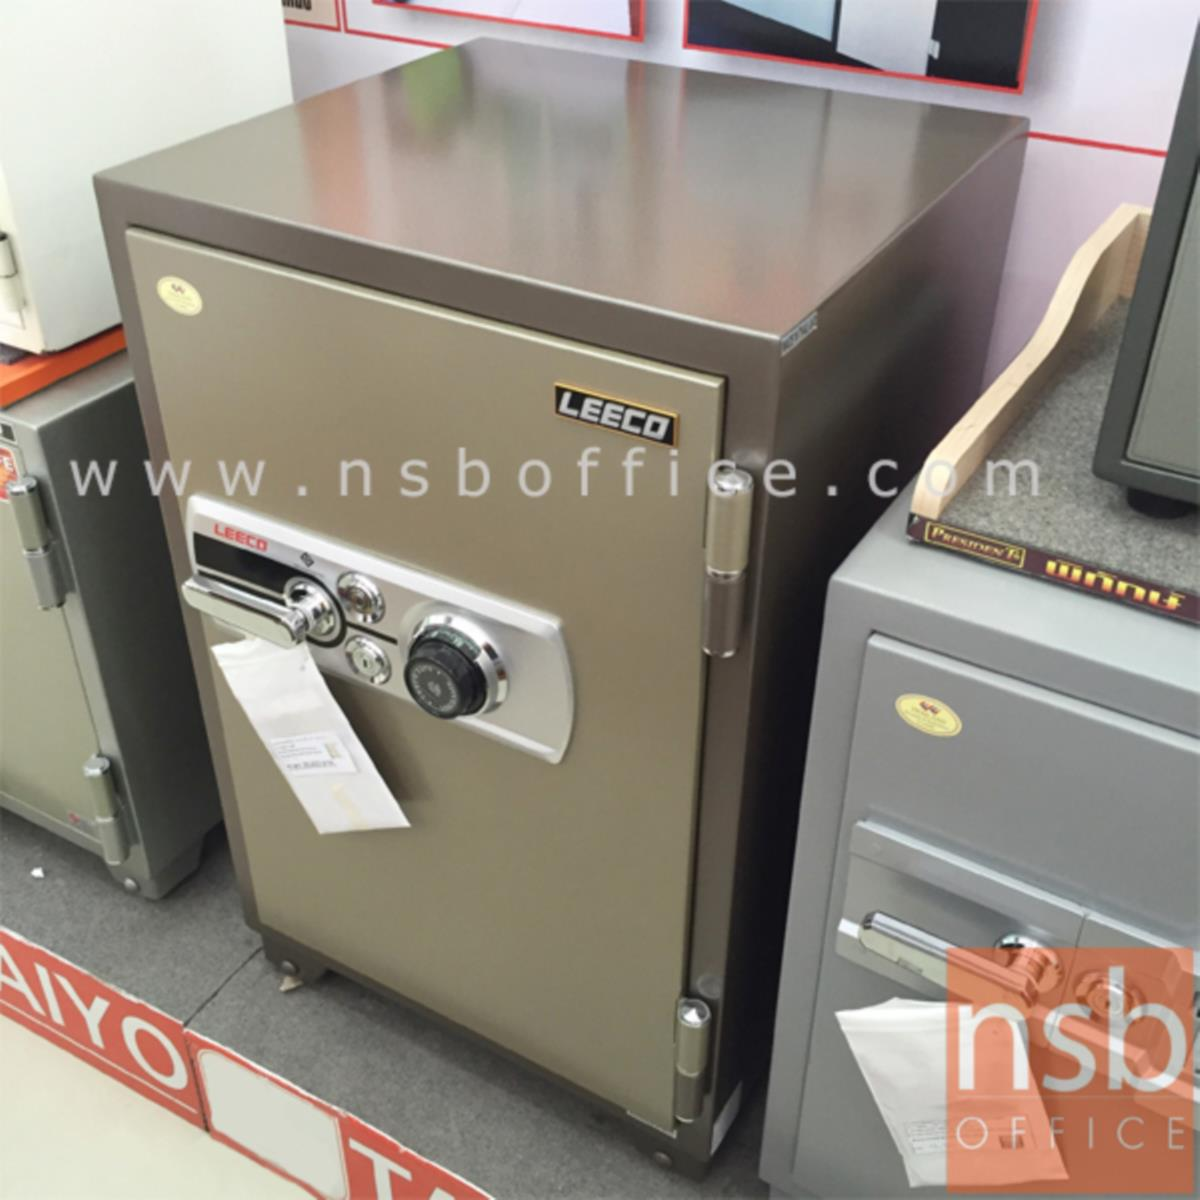 ตู้เซฟนิรภัย 190 กก. ลีโก้ รุ่น LEECO-701T มี 2 กุญแจ 1 รหัส (เปลี่ยนรหัสได้)